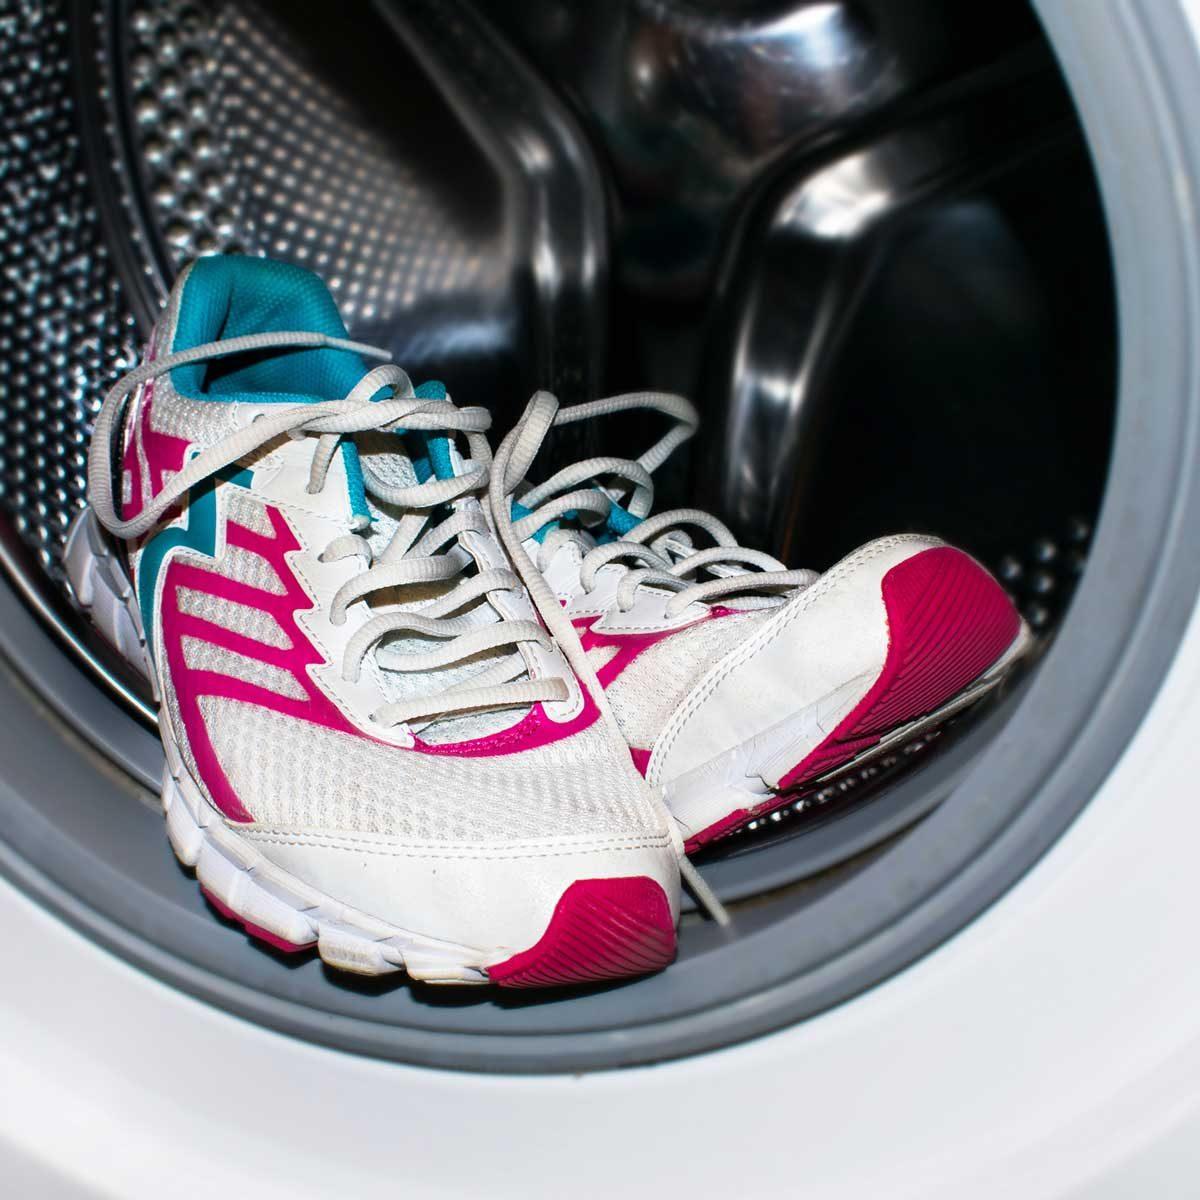 Washing sneakers